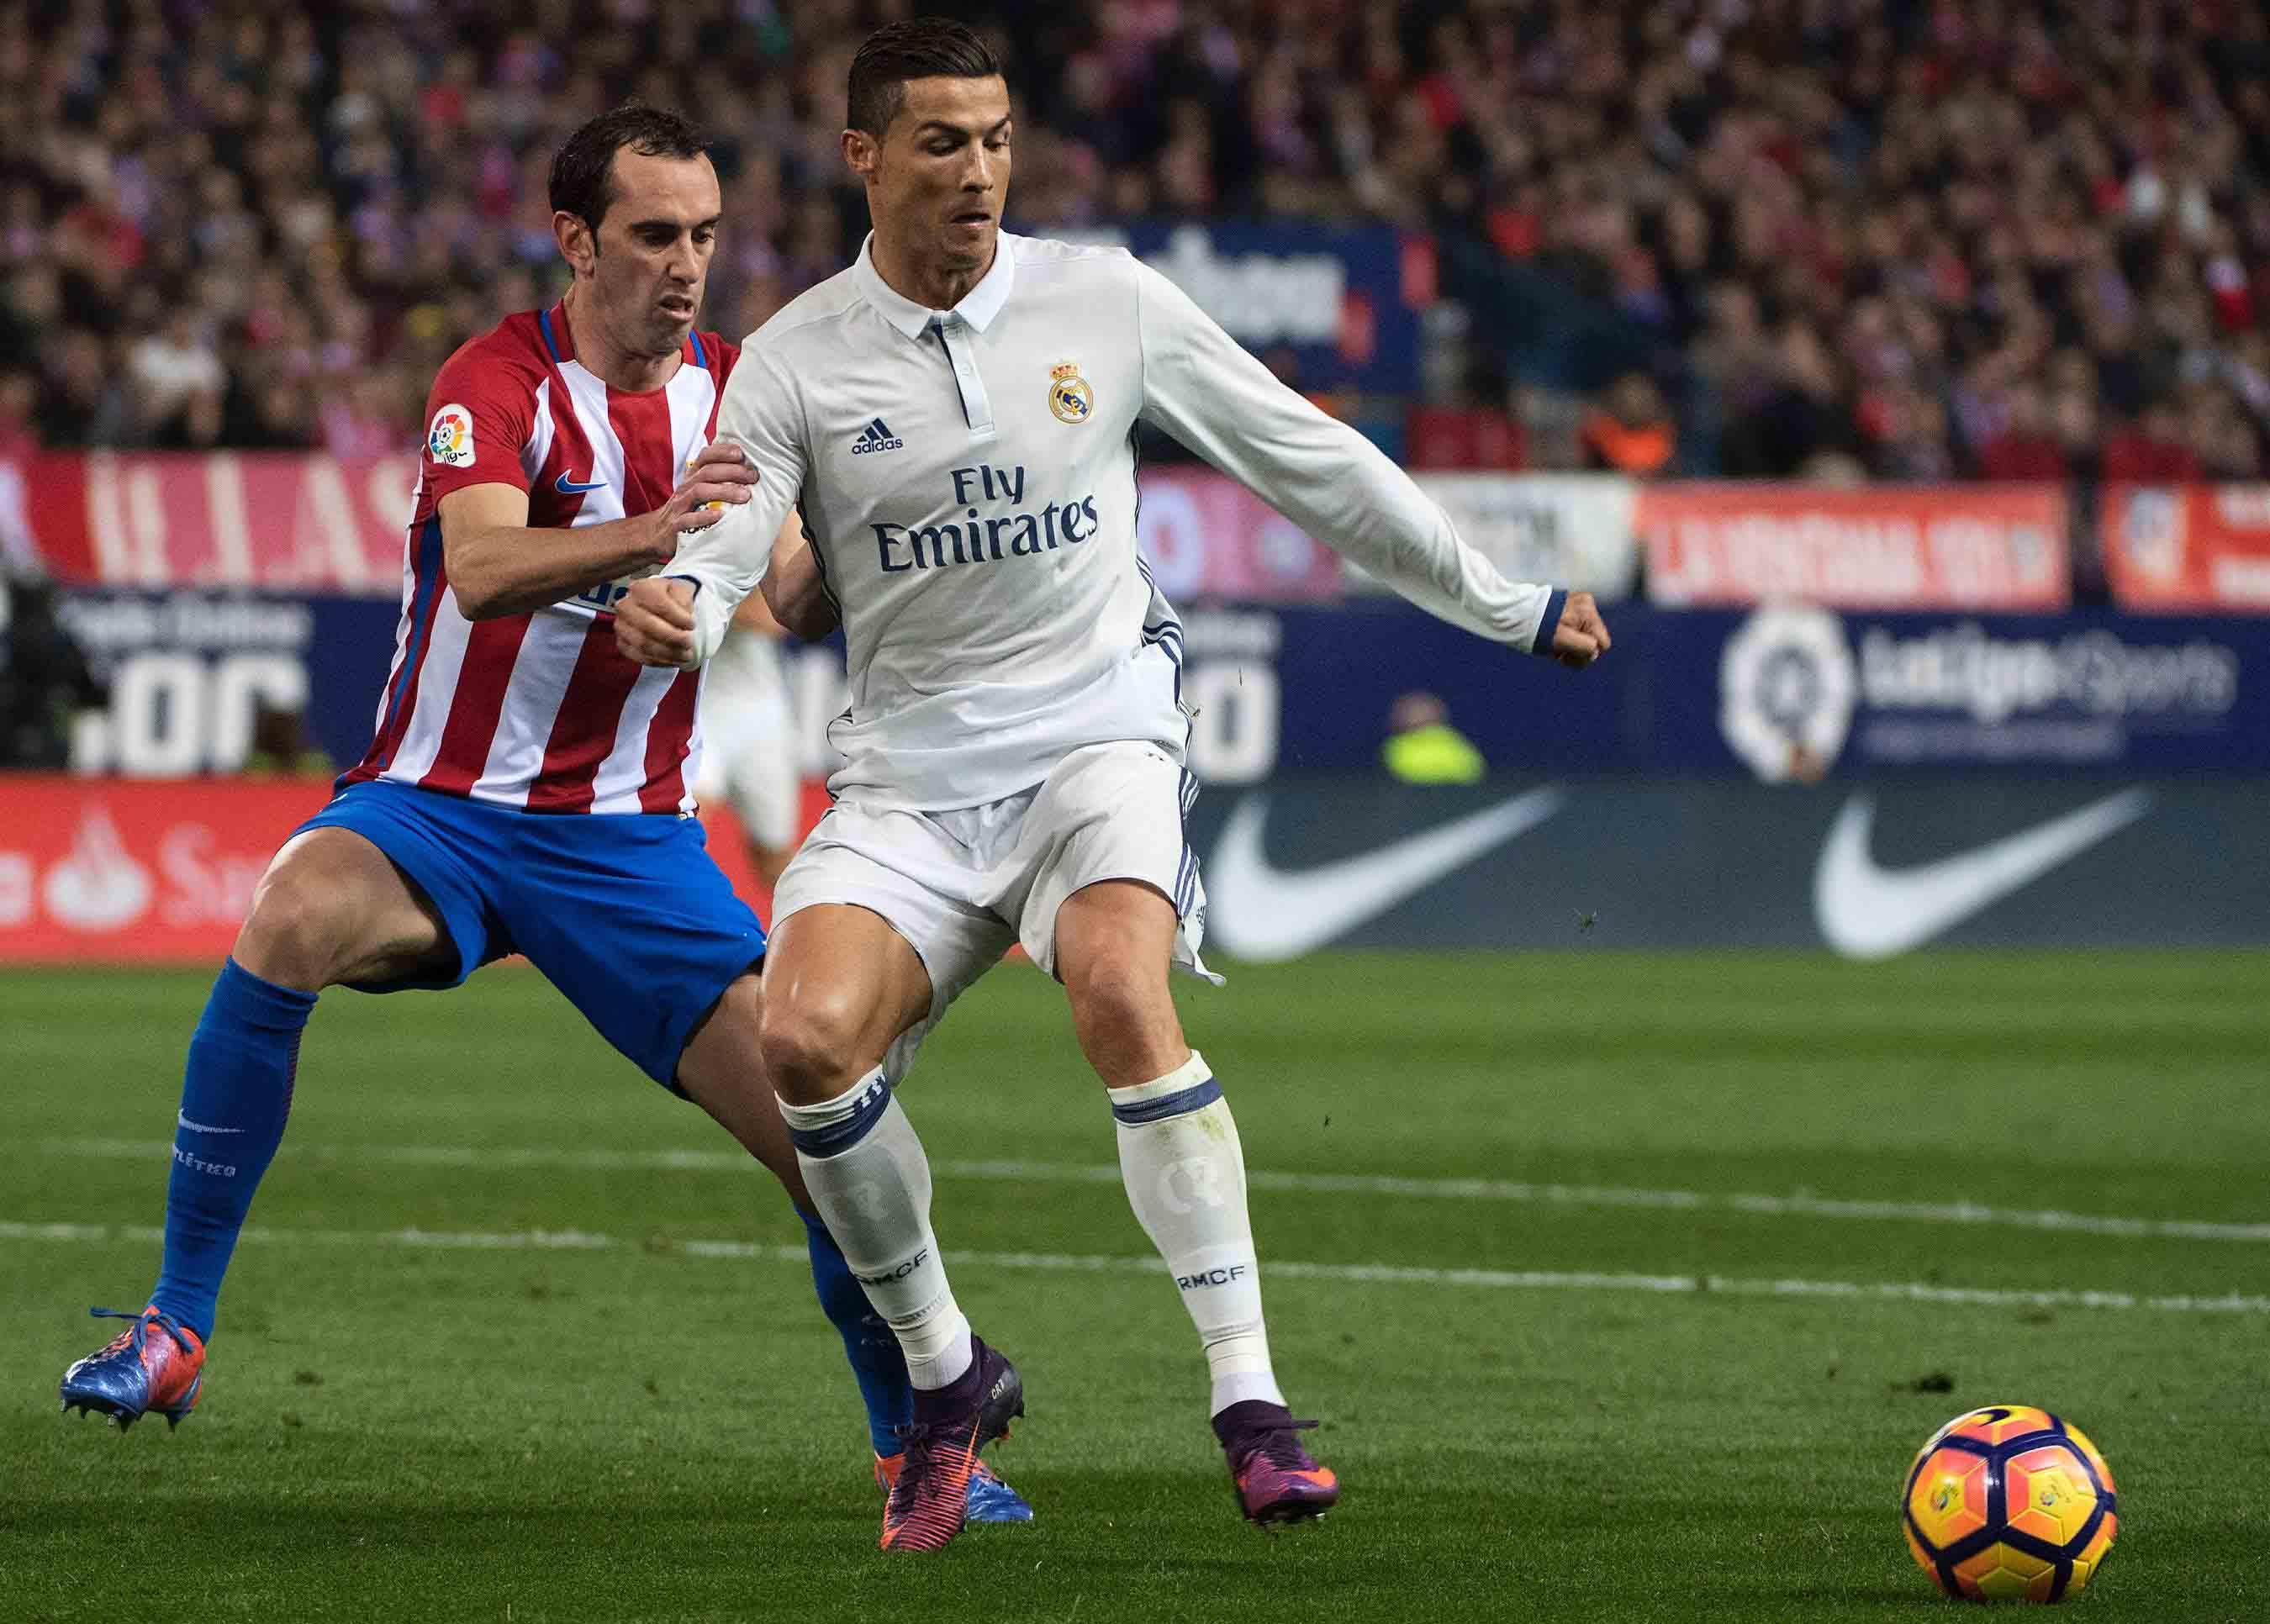 Duelo Defensivo 1x1. Godín y Ronaldo